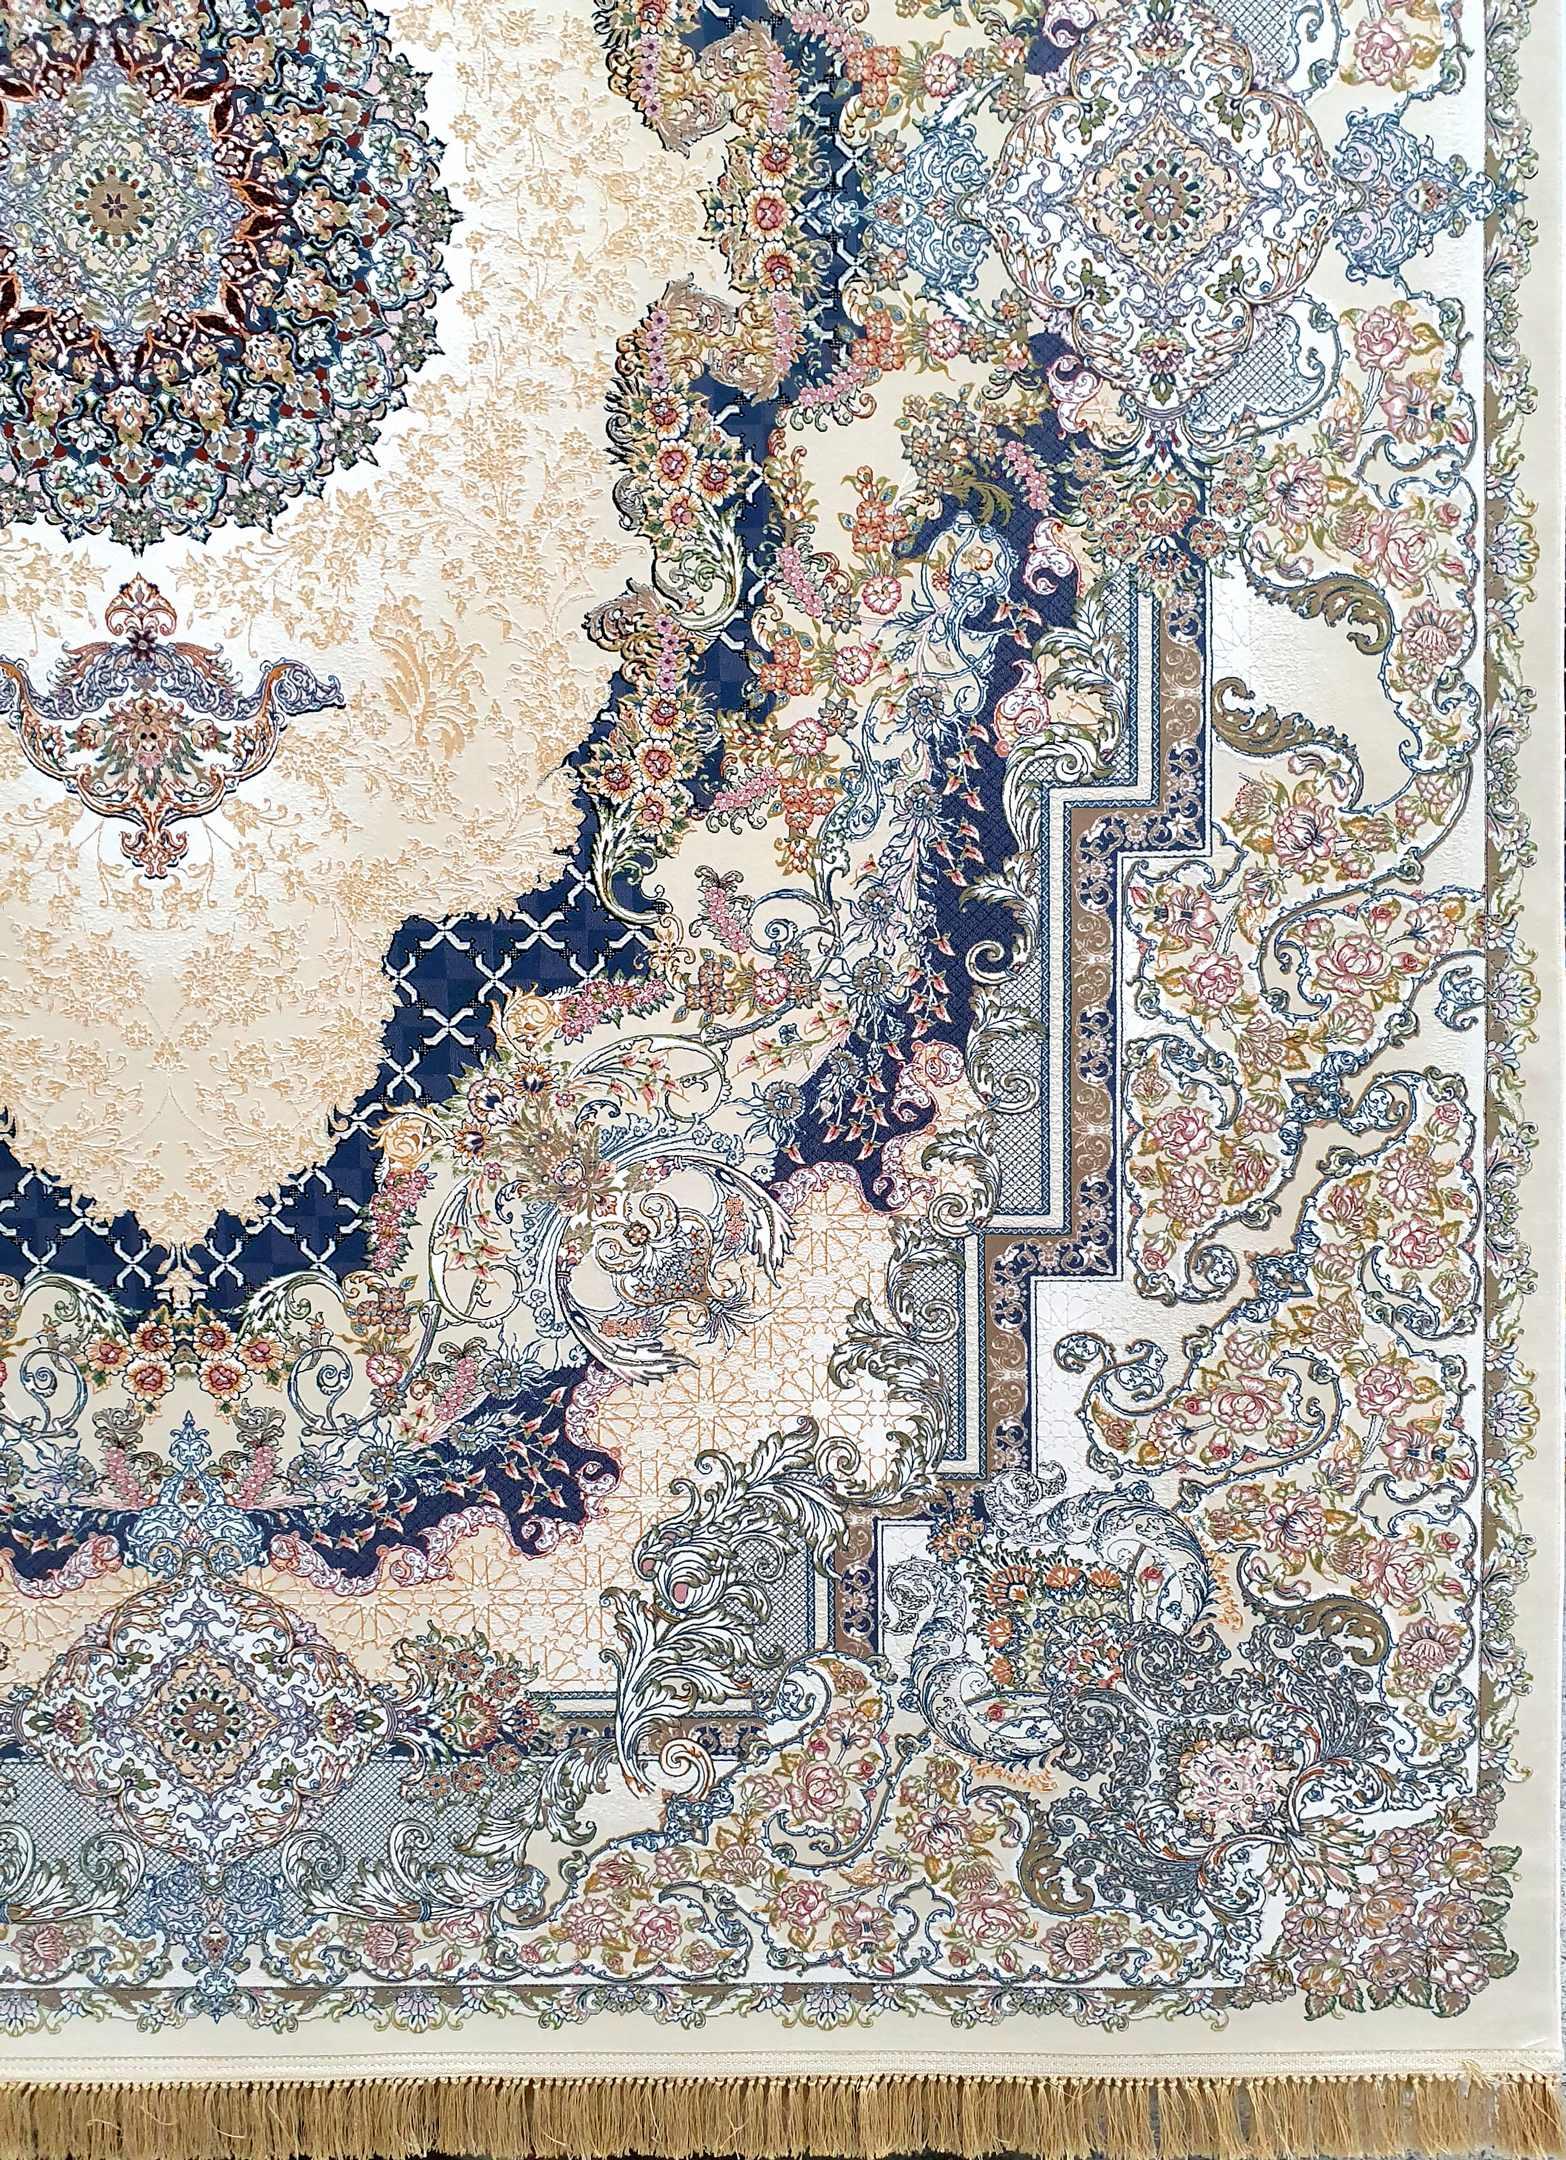 فرش الیزه گلبرجسته